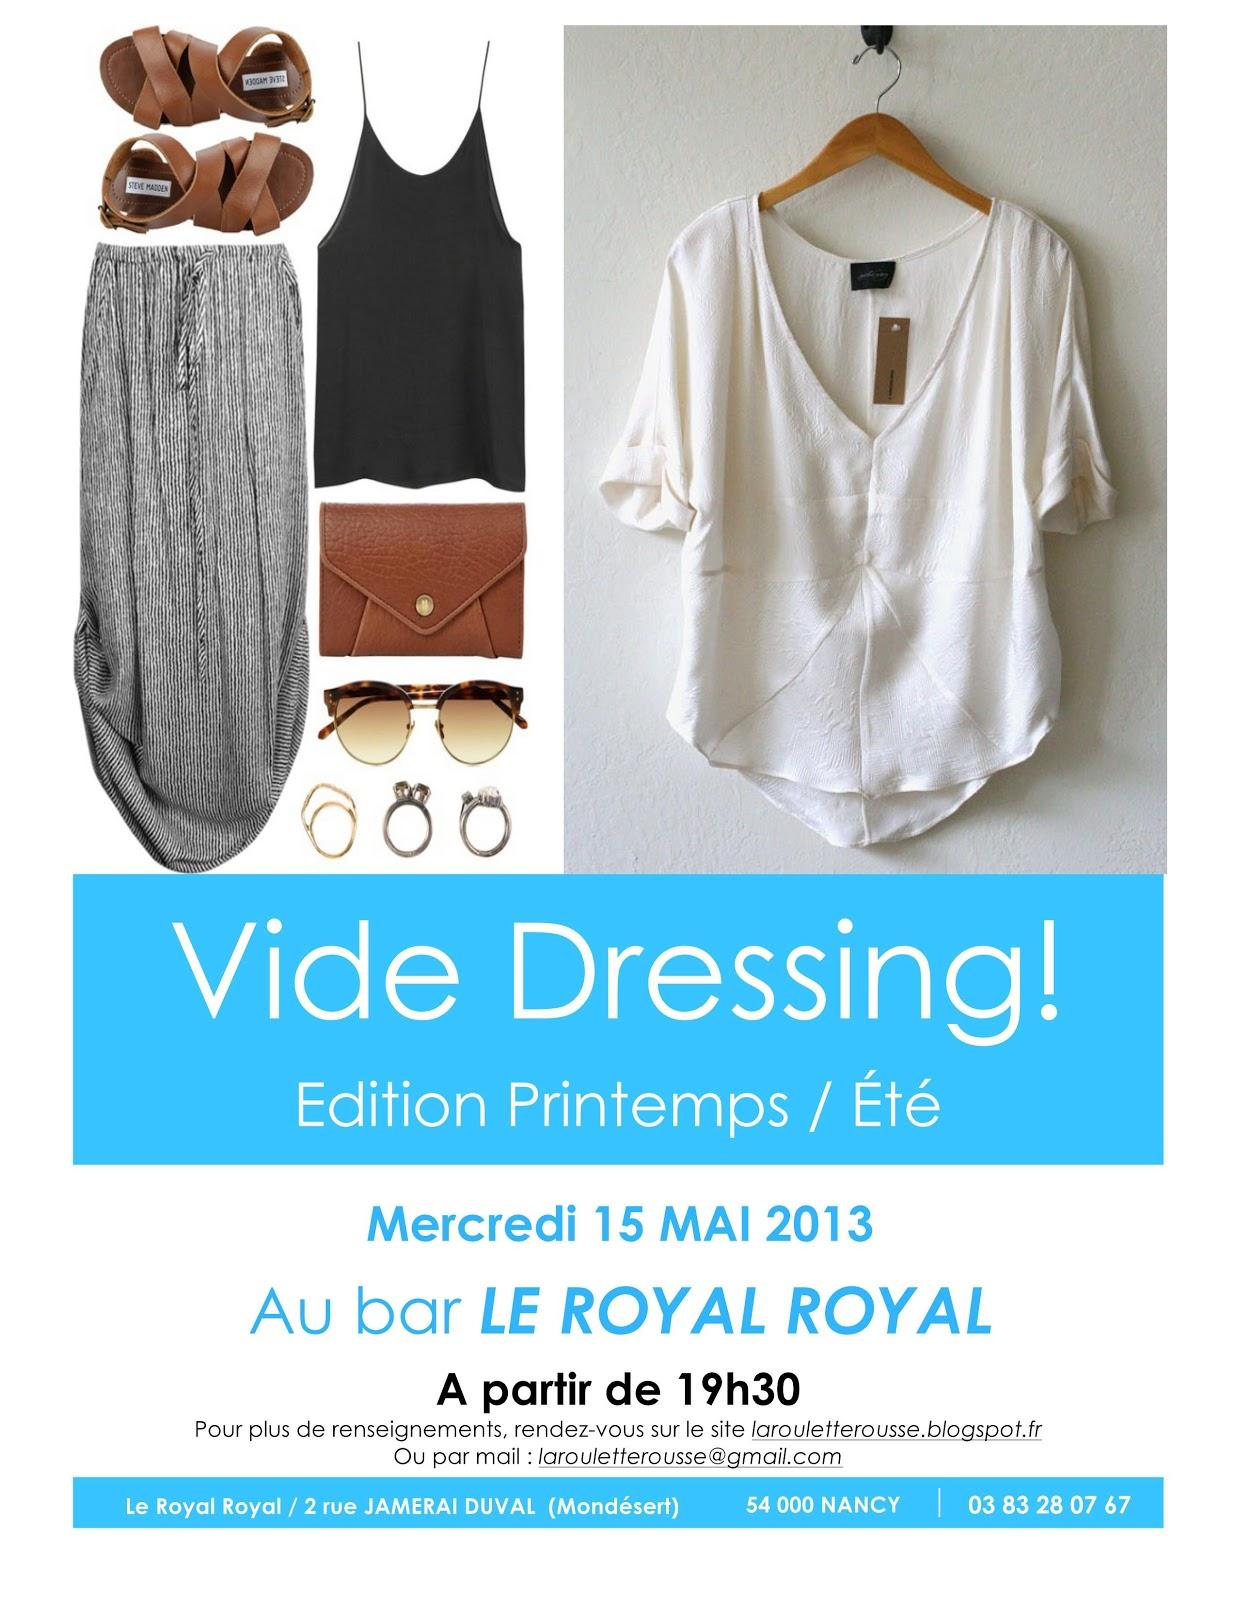 vide+dressing+_01.jpg